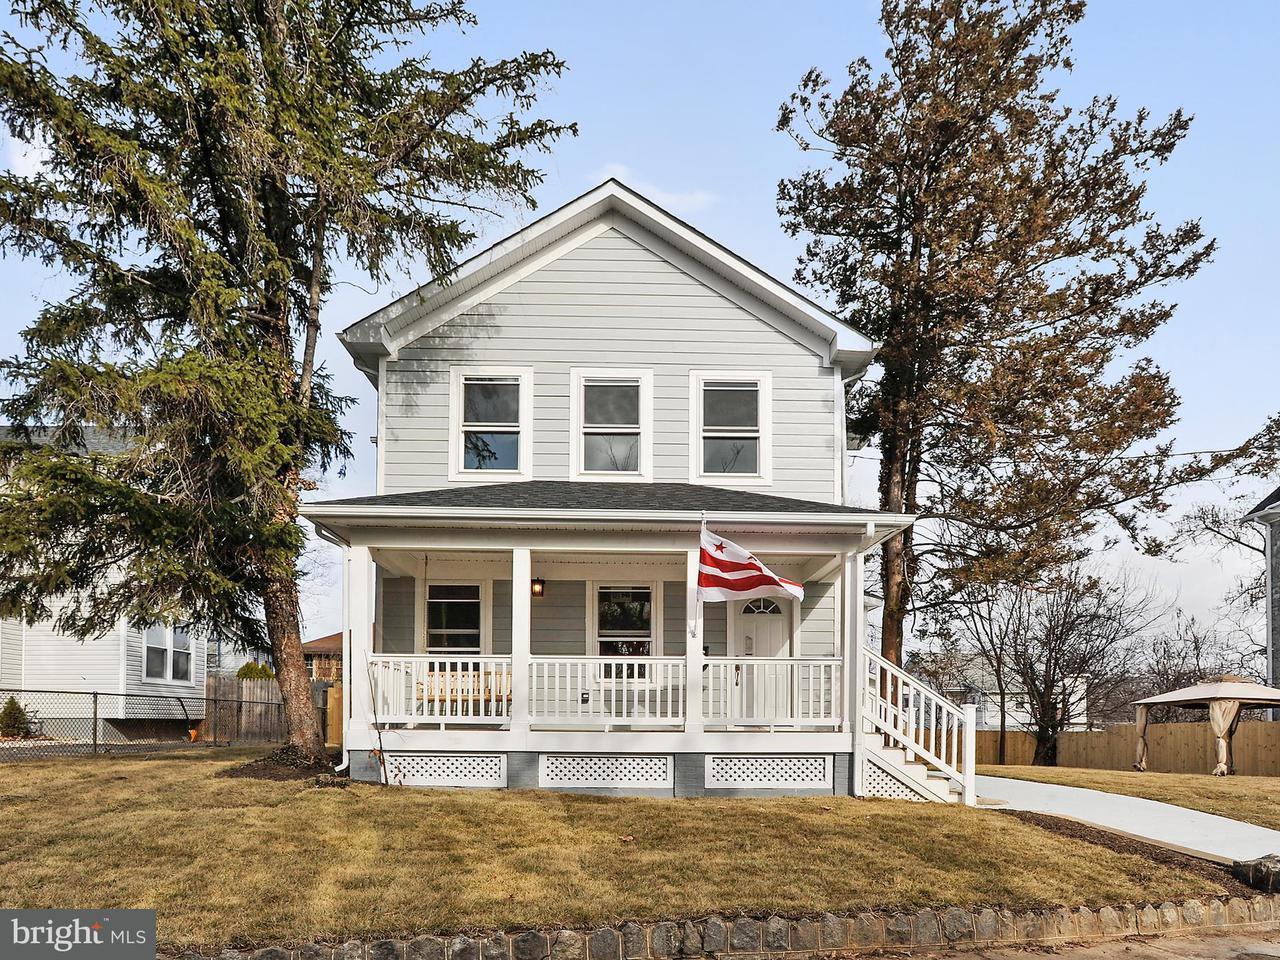 一戸建て のために 売買 アット 2804 Brentwood Rd Ne 2804 Brentwood Rd Ne Washington, コロンビア特別区 20018 アメリカ合衆国